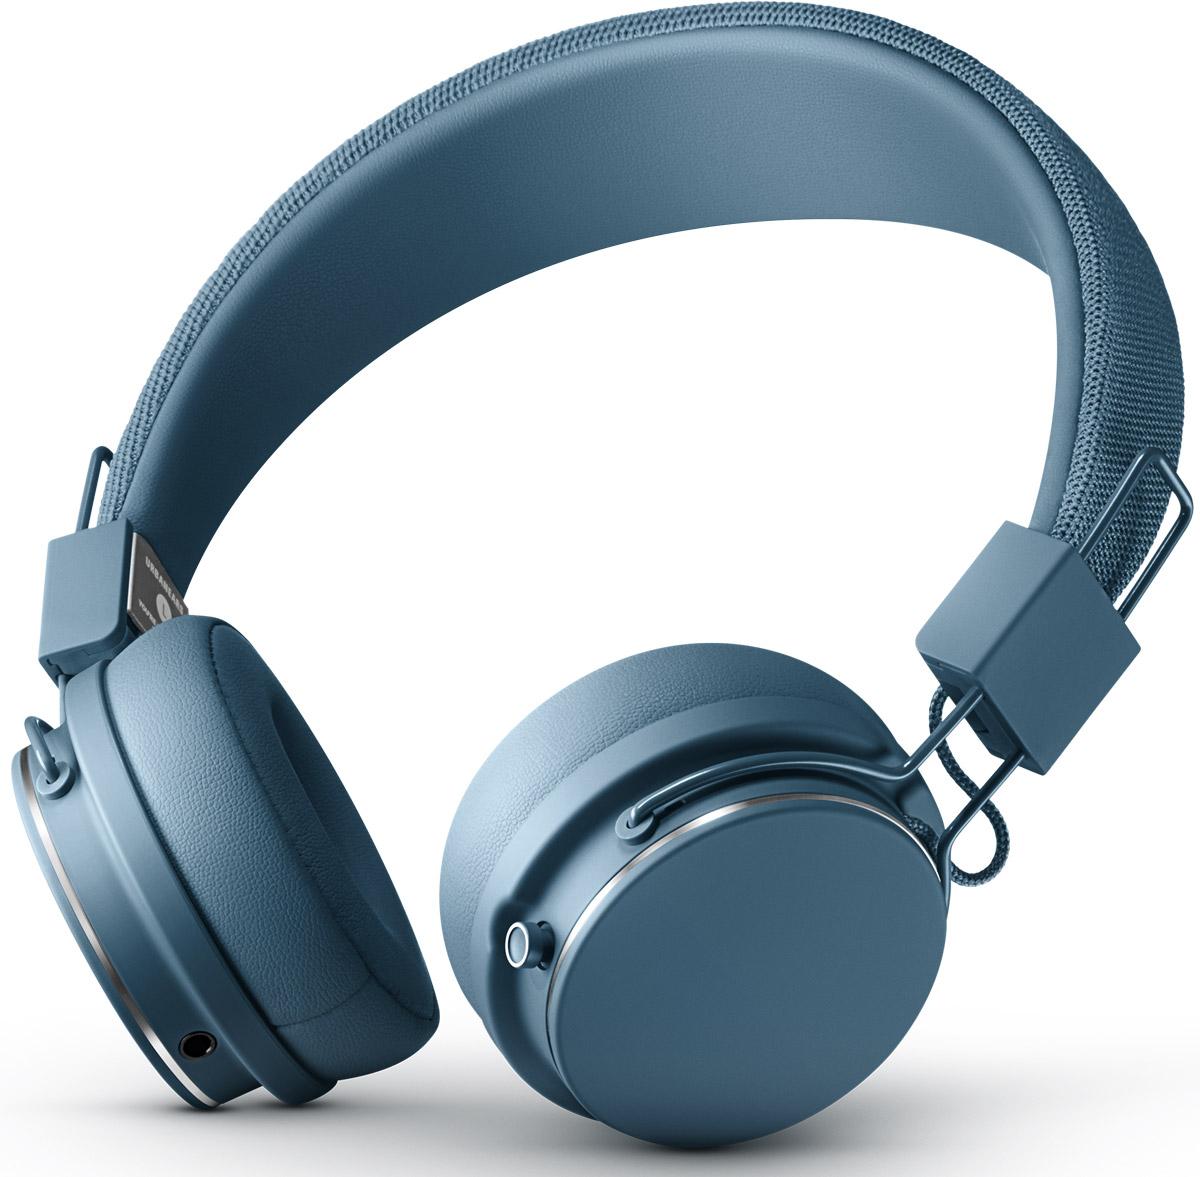 Urbanears Plattan 2 Bluetooth, Indigo наушники7340055350501Urbanears Plattan 2 Bluetooth сочетает в себе канонический дизайн Платанов c 30+ часов беспроводного воспроизведения без ограничений. Четкое звучание полного спектра на дистанции до 10 м и интуитивное управление одной кнопкой. Кроме того, модель отличает встроенный микрофон, эргономичная посадка, возможность поделиться музыкой благодаря ZoundPlug и складная конструкция, что позволит взять наушники с собой куда угодно.